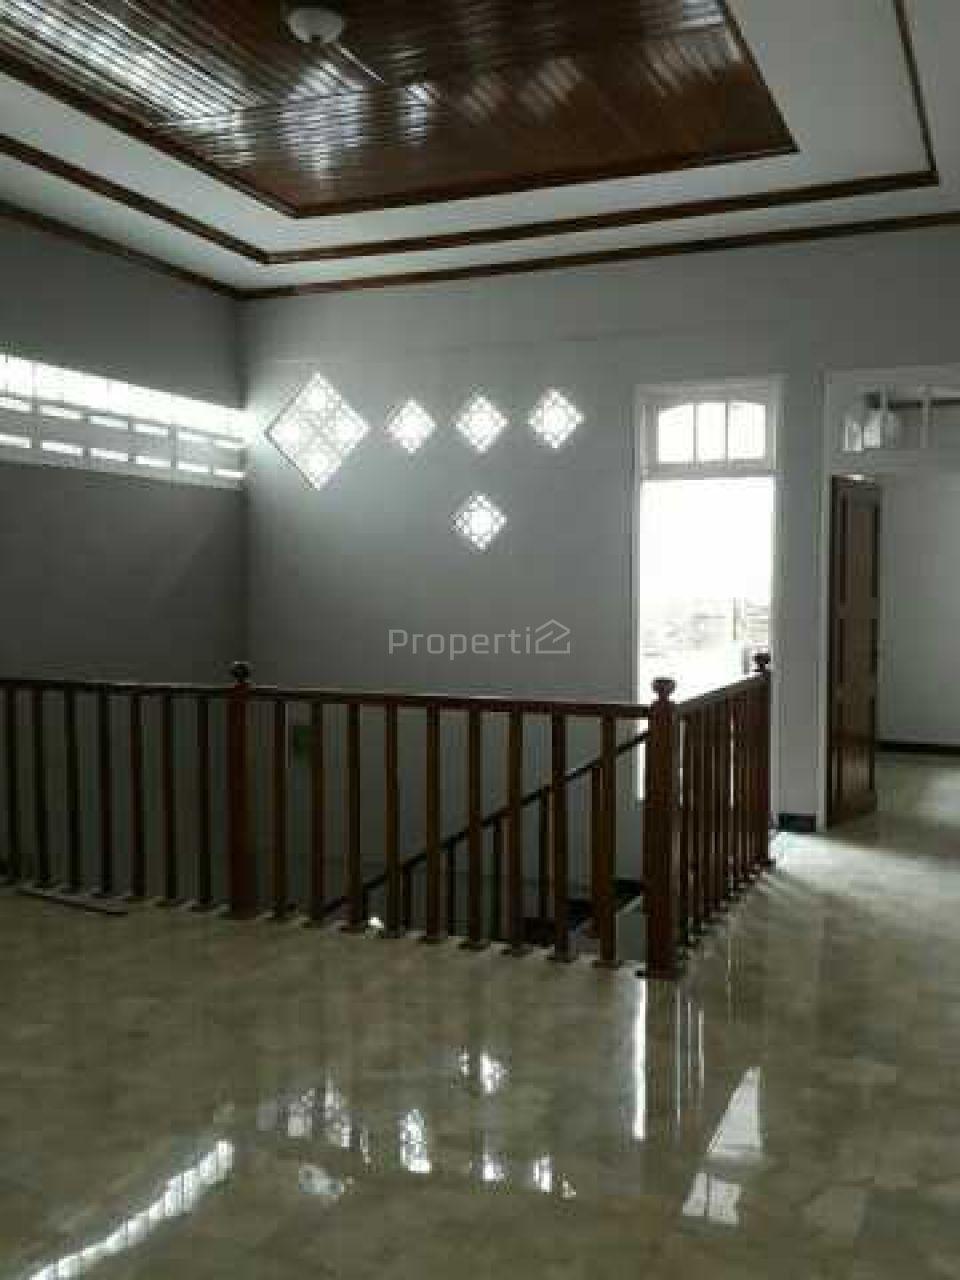 Rumah 2 Lantai Siap Huni di Kayu Putih, Pulo Gadung